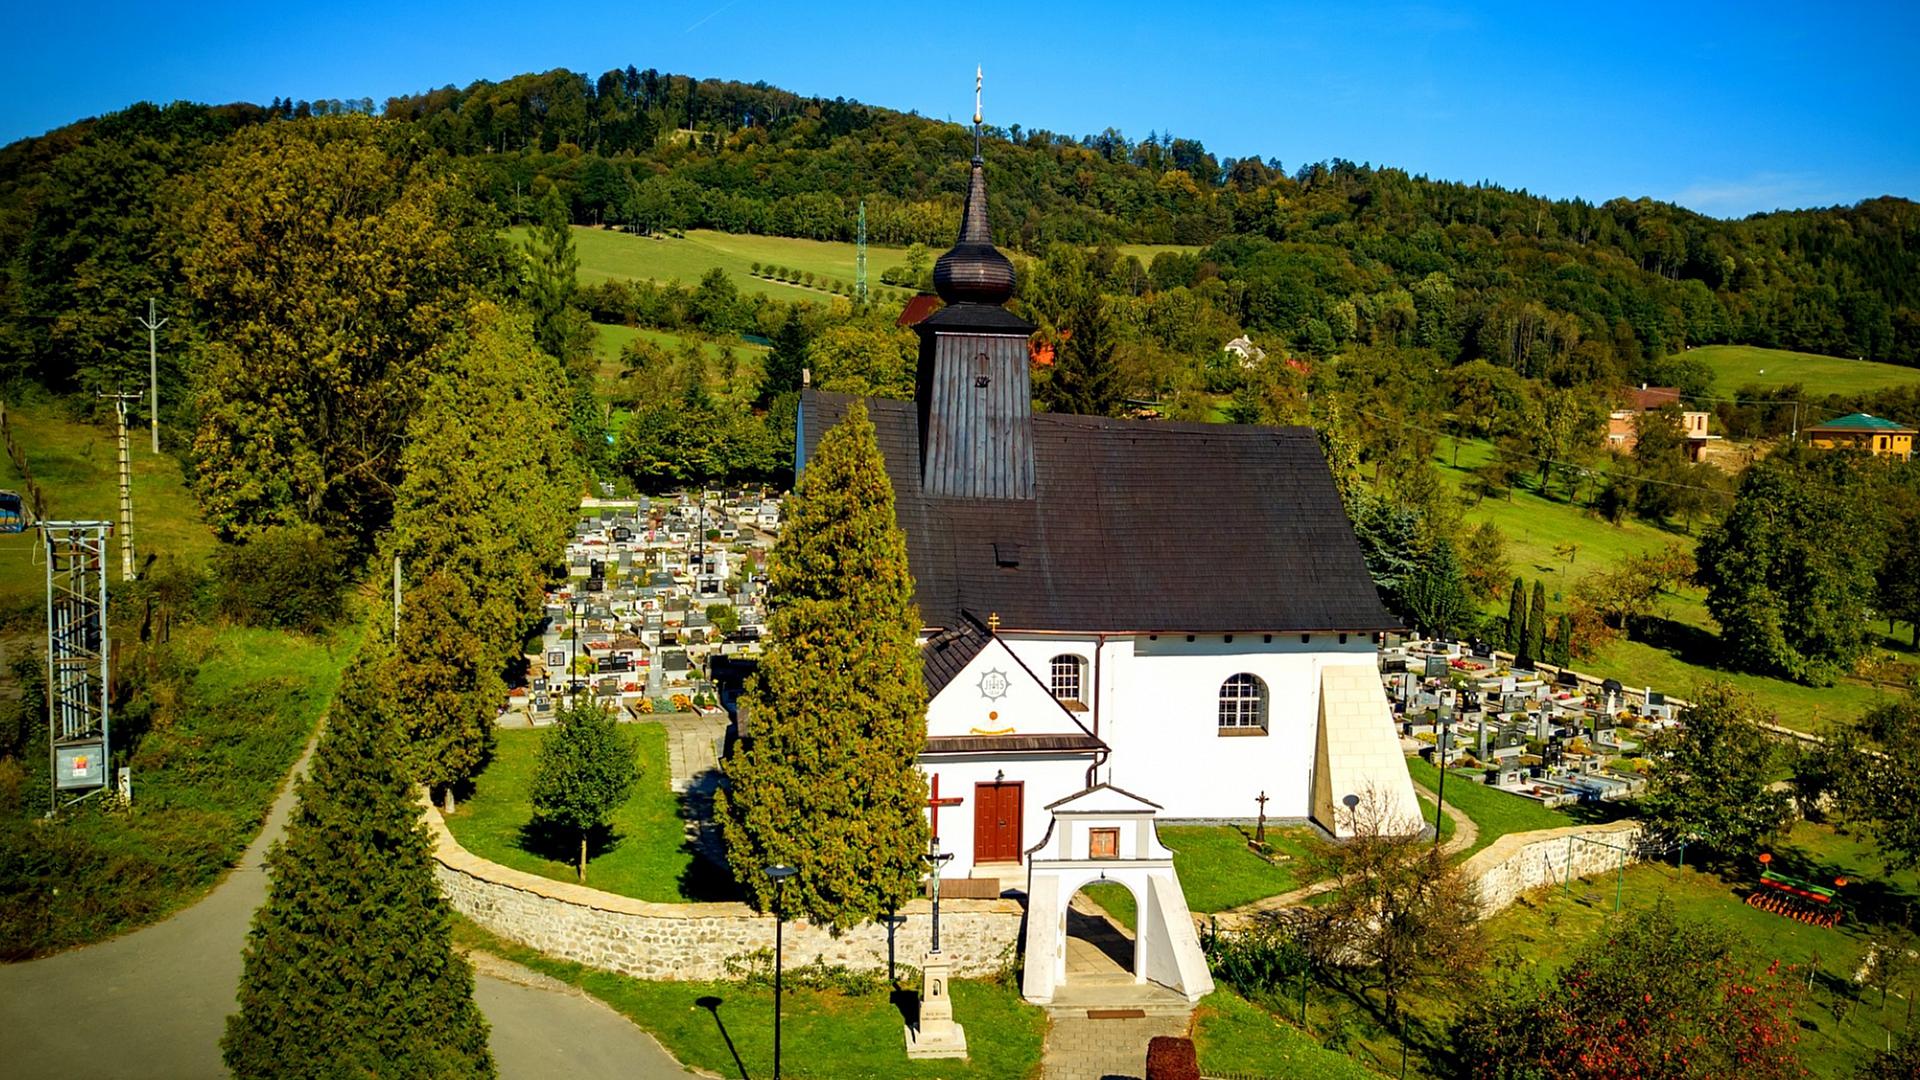 Archiv obce Rybí - Kostel Nalezení svatého Kříže v obci Rybí